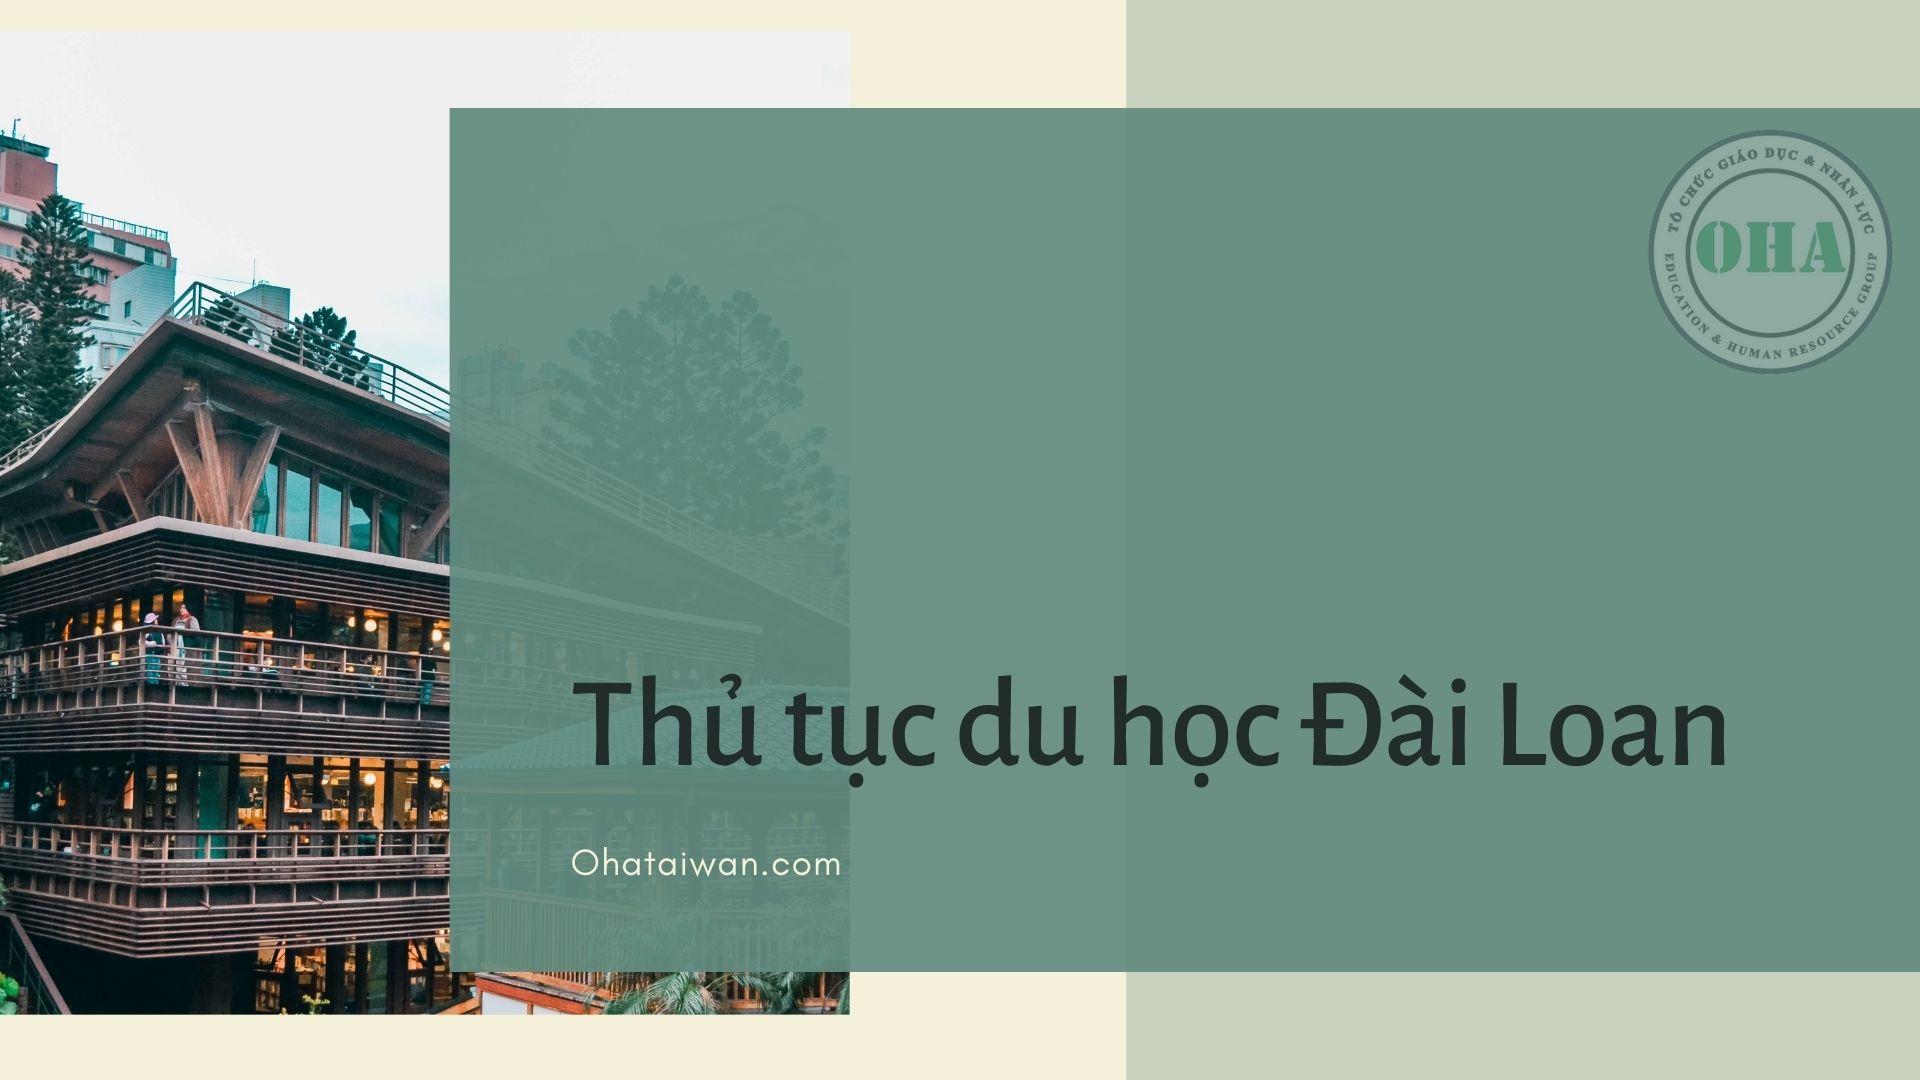 Hồ sơ thủ tục du học Đài Loan tại OHa Taiwan